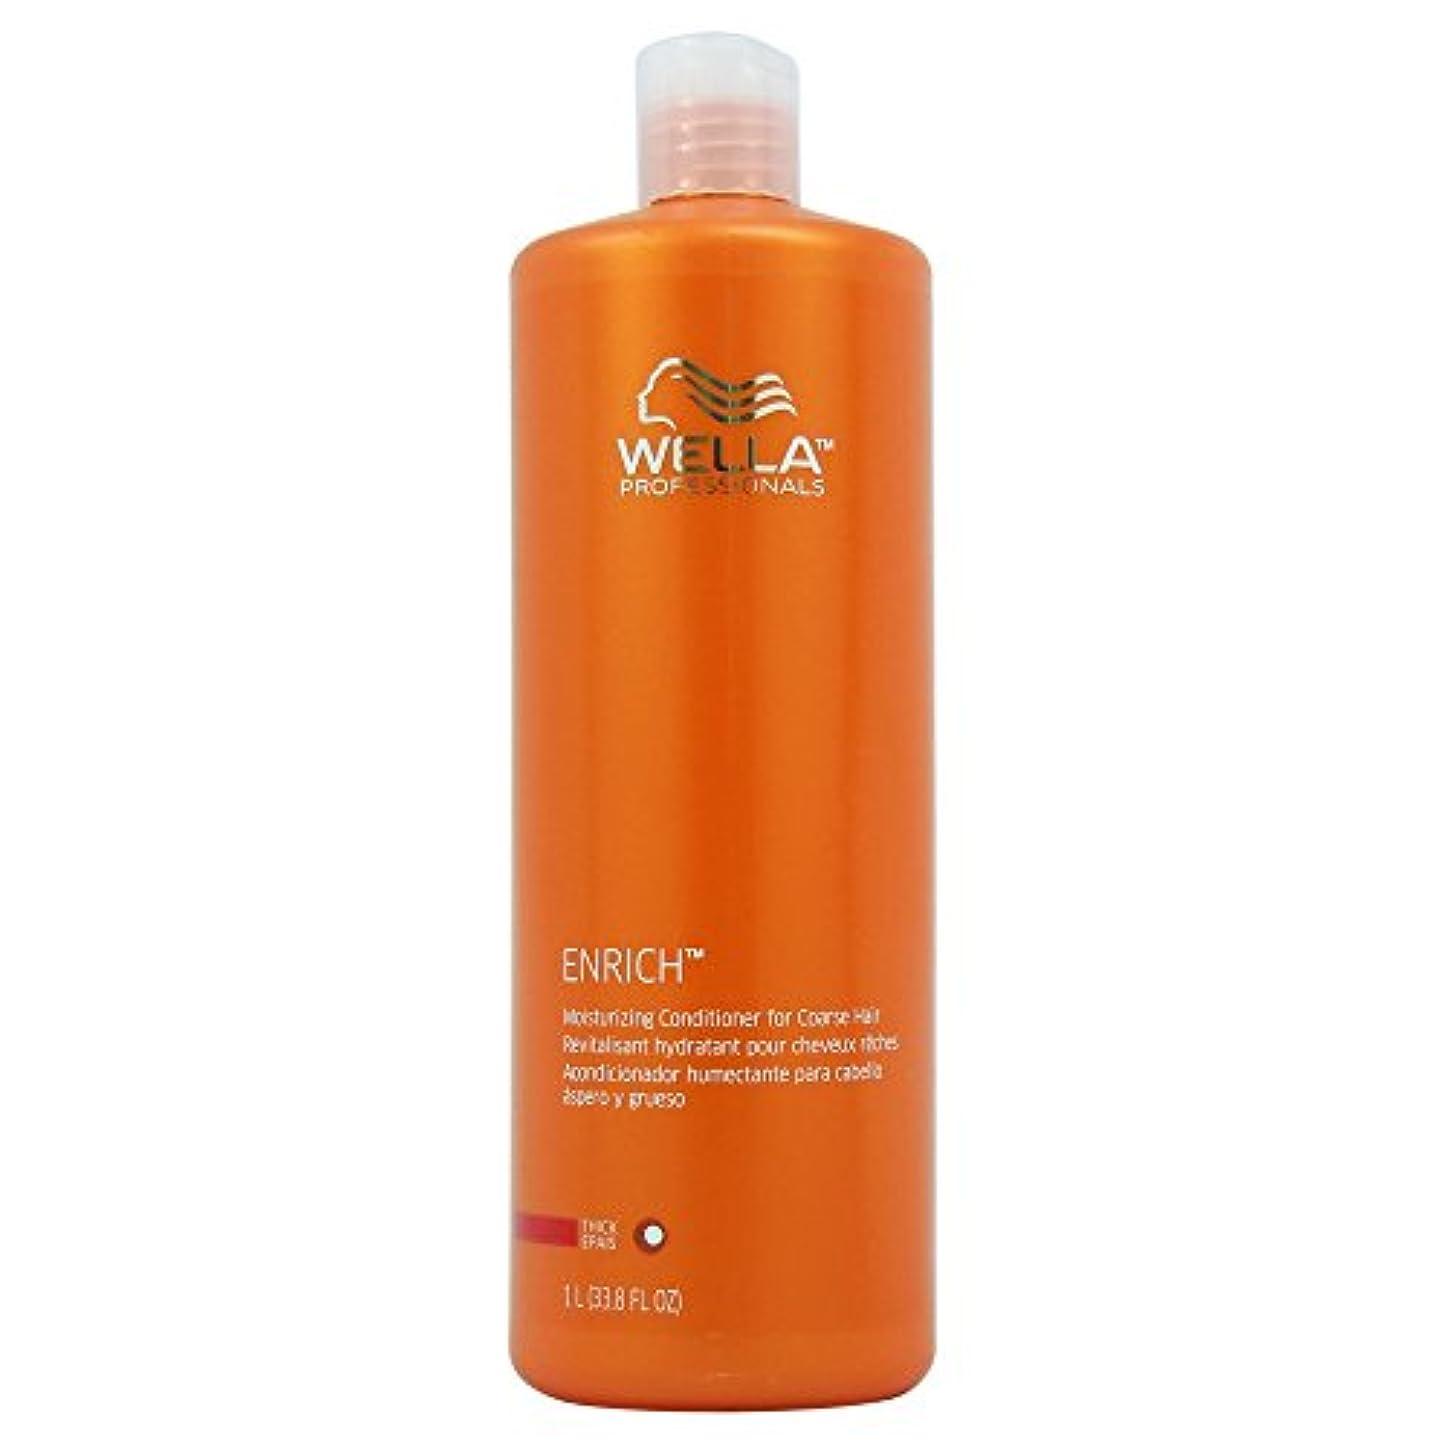 太平洋諸島輪郭カードWella Enriched Moisturizing Conditioner for Coarse Hair for Unisex, 33.8 Ounce by Wella